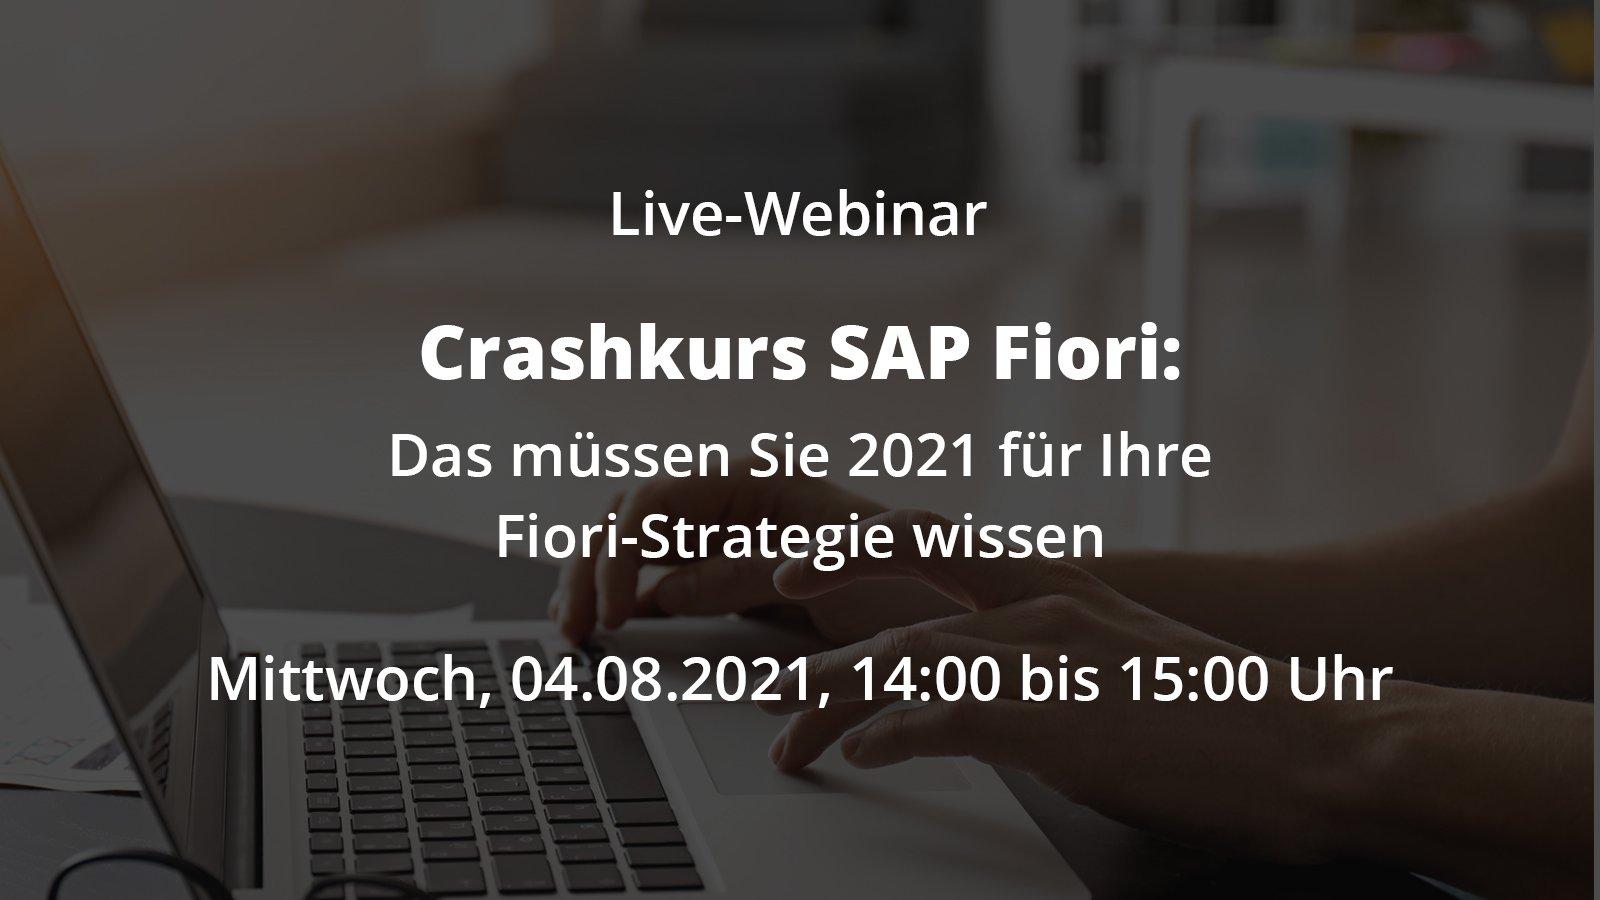 Crashkurs SAP Fiori: Das müssen Sie 2021 für Ihre Fiori-Strategie wissen